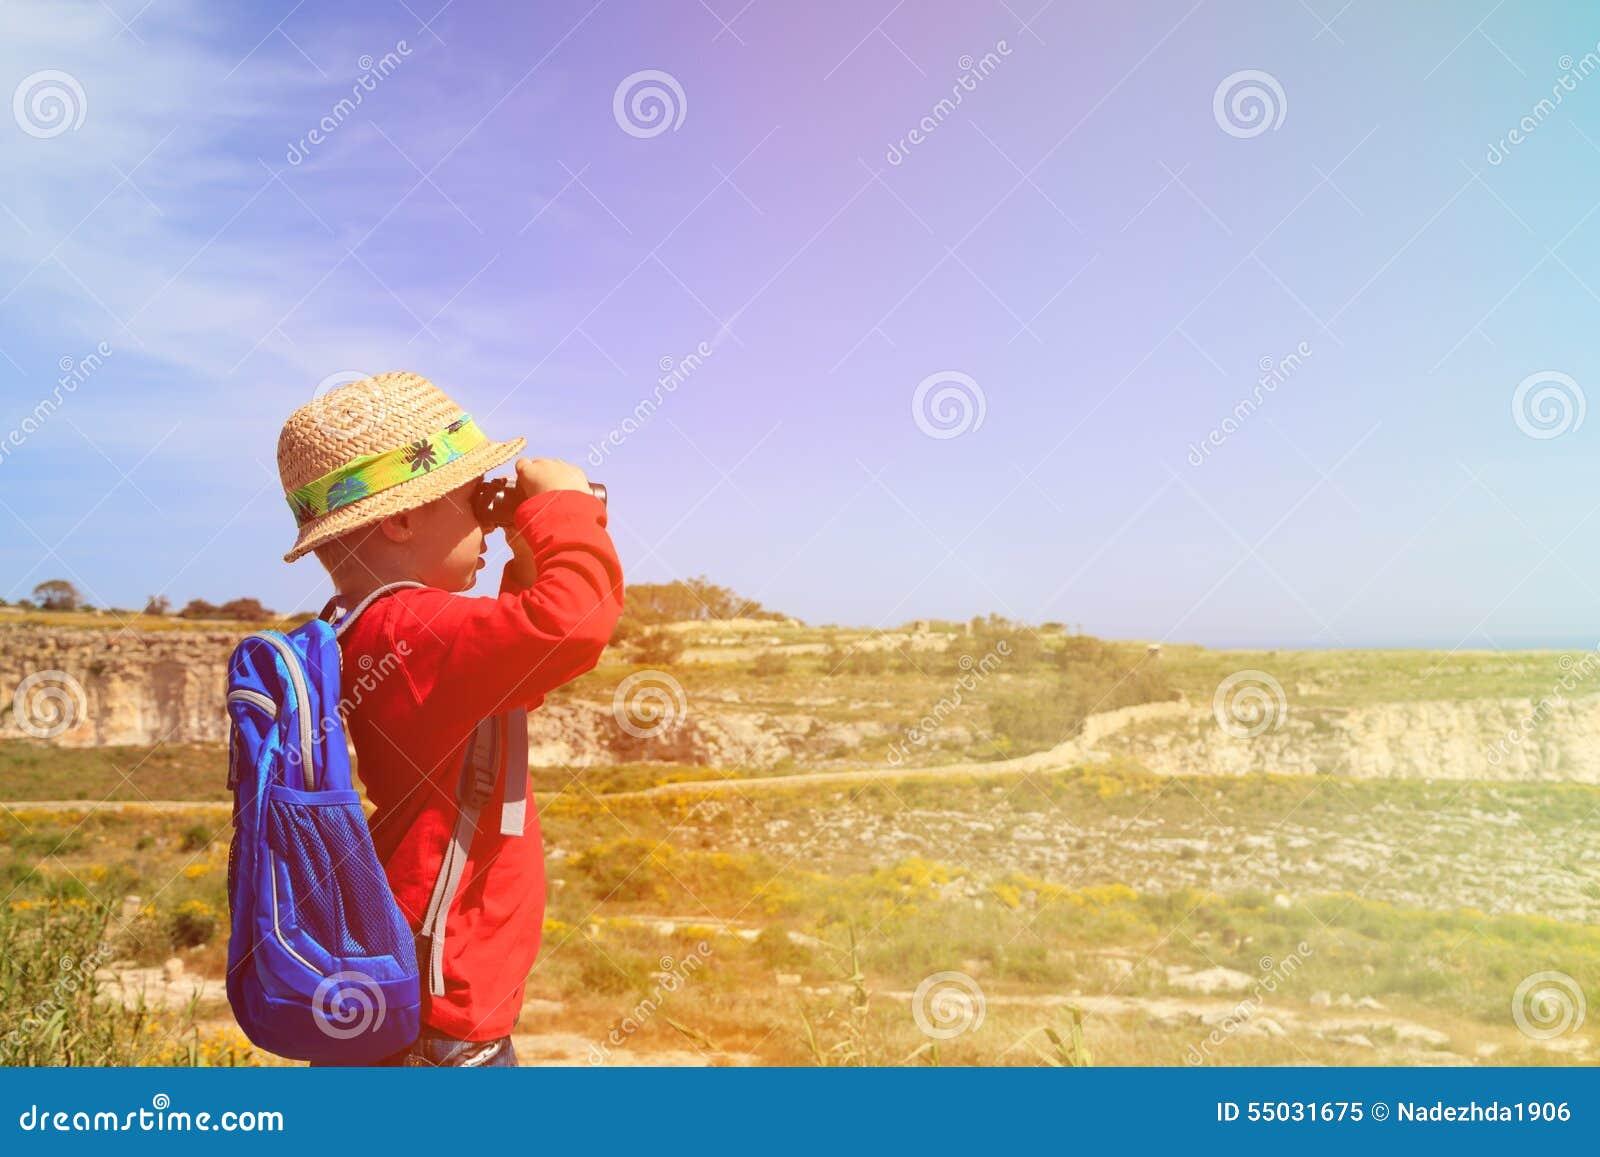 Frau wandern und schauen durch ein fernglas stockfoto bild